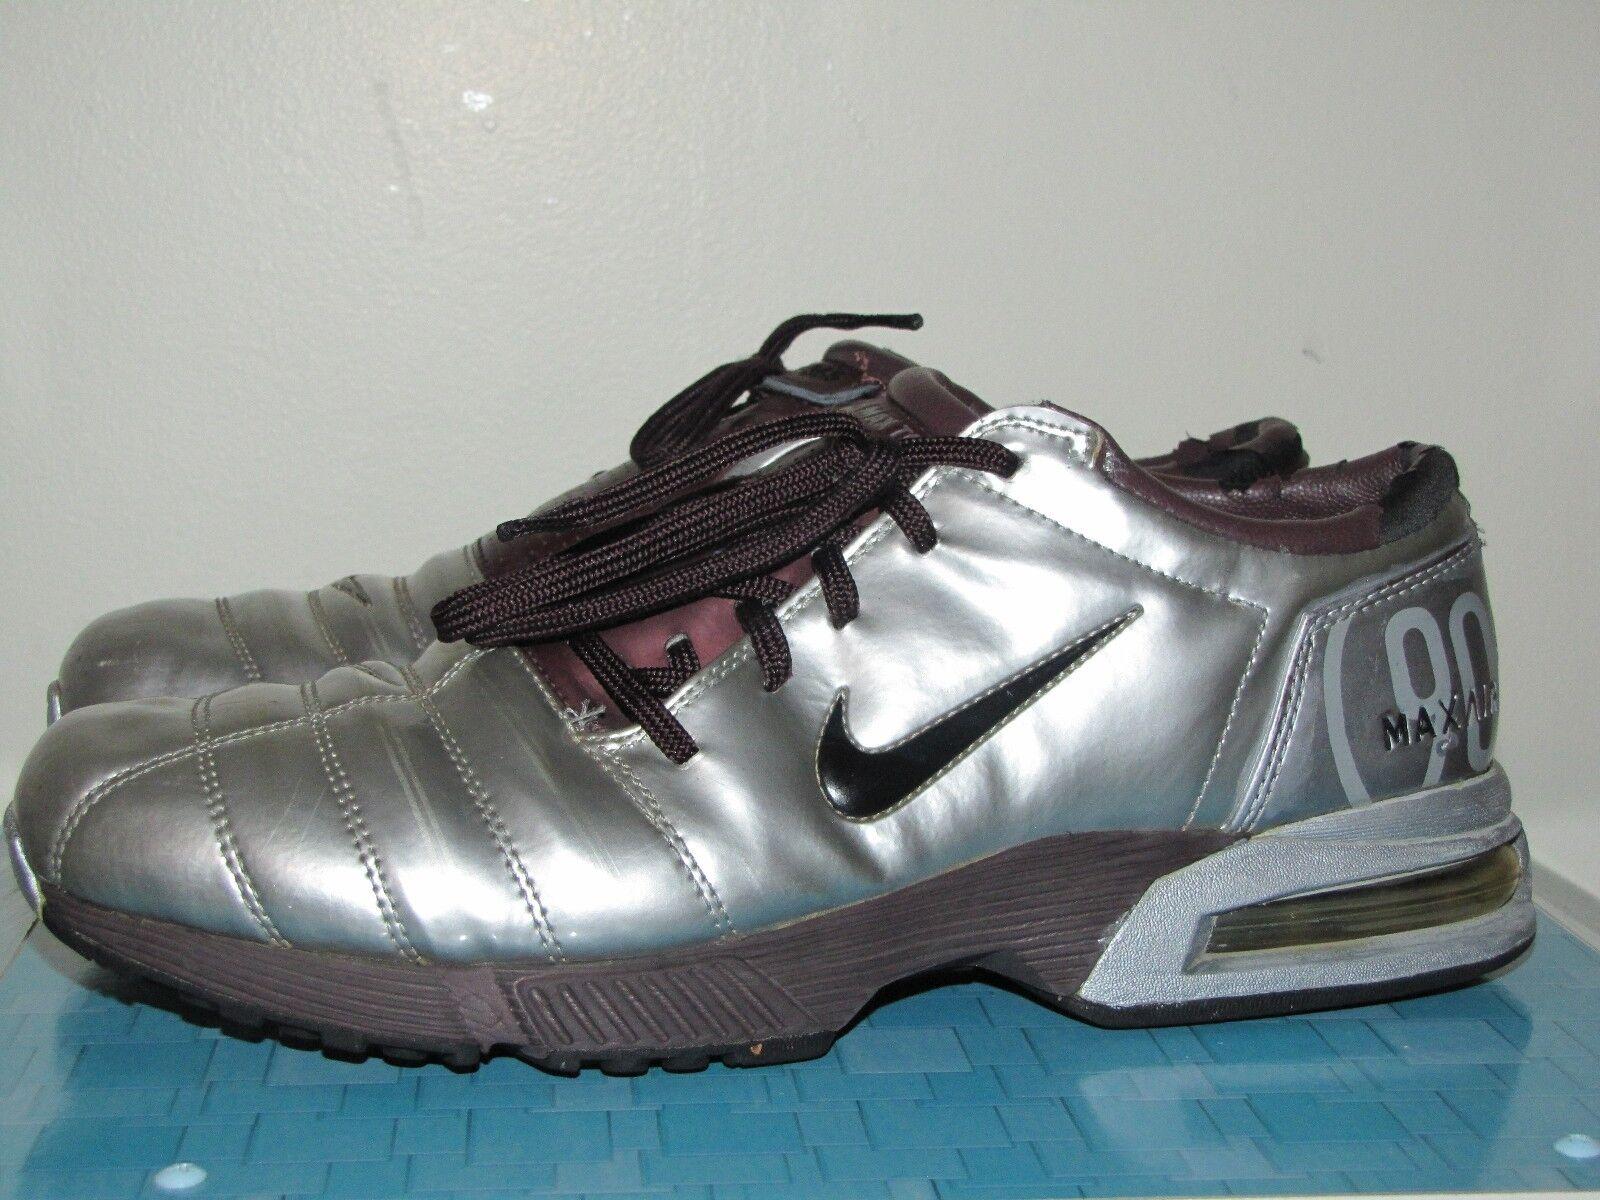 Nike Shox Max Air Zoom T90 365 Botines De Fútbol Zapatos Entrenadores De Interior EE. UU. 8 Reino Unido 7